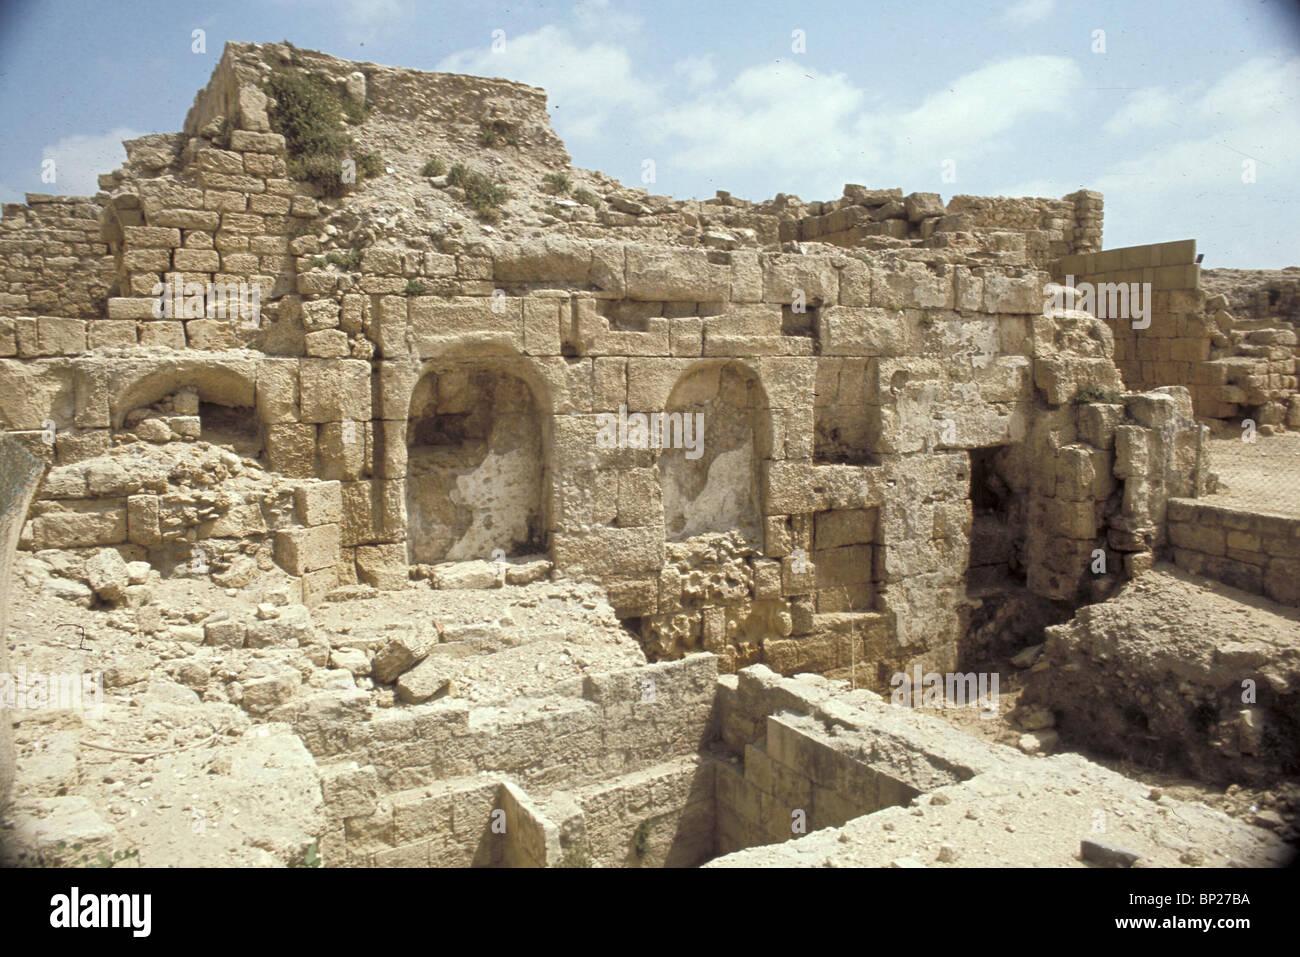 1628. CAESAREA - THE ROMAN TEMPLE - Stock Image